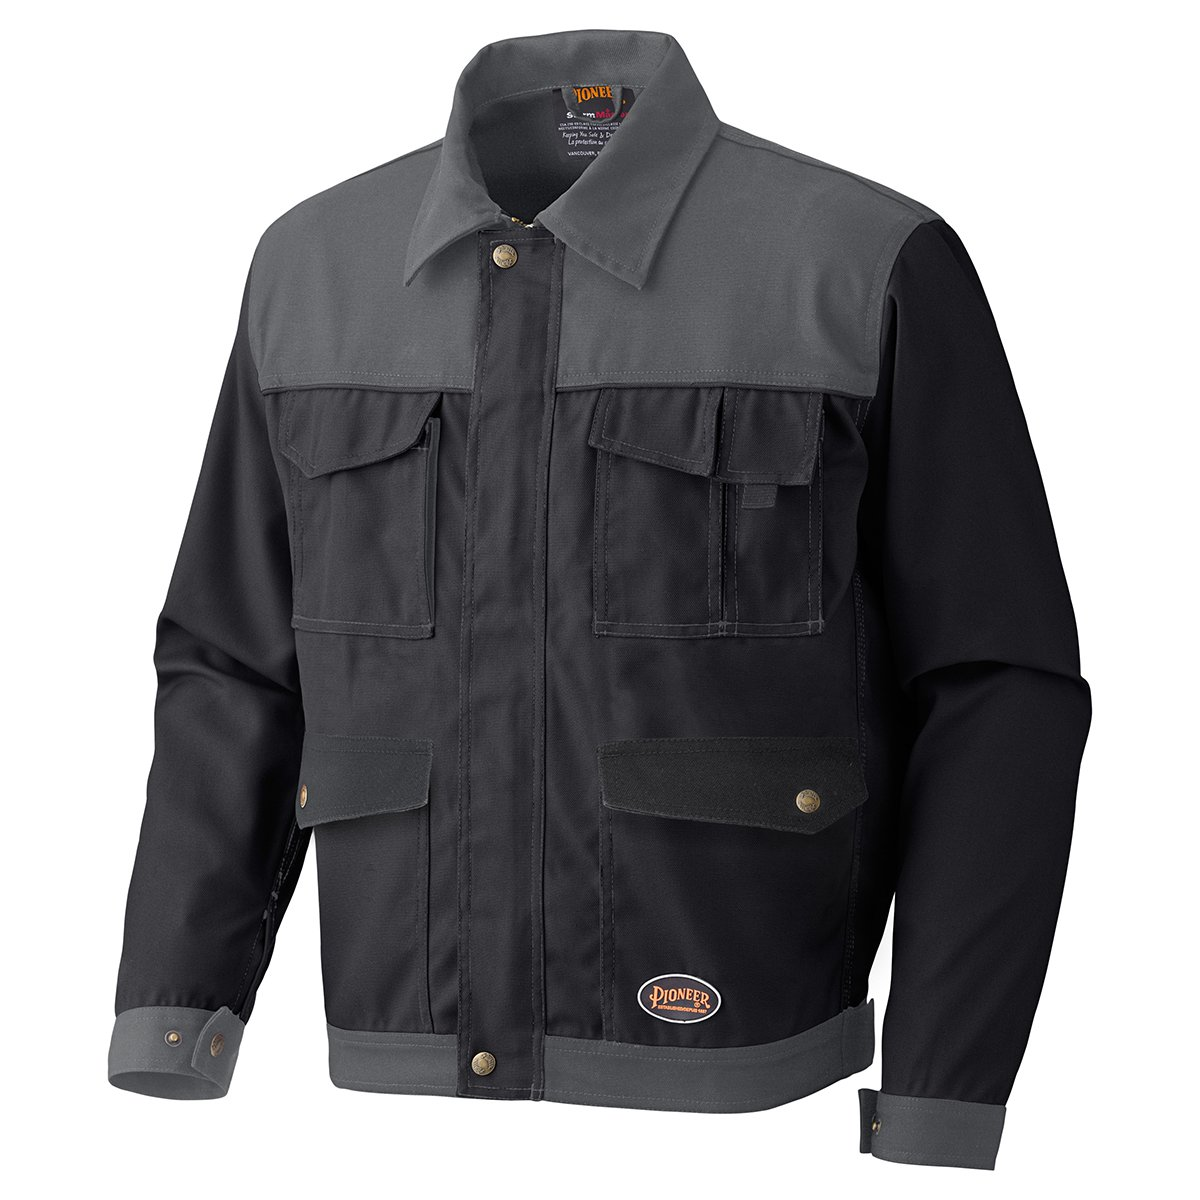 Pioneer Eurowear Work Jacket V2040370 - 7010